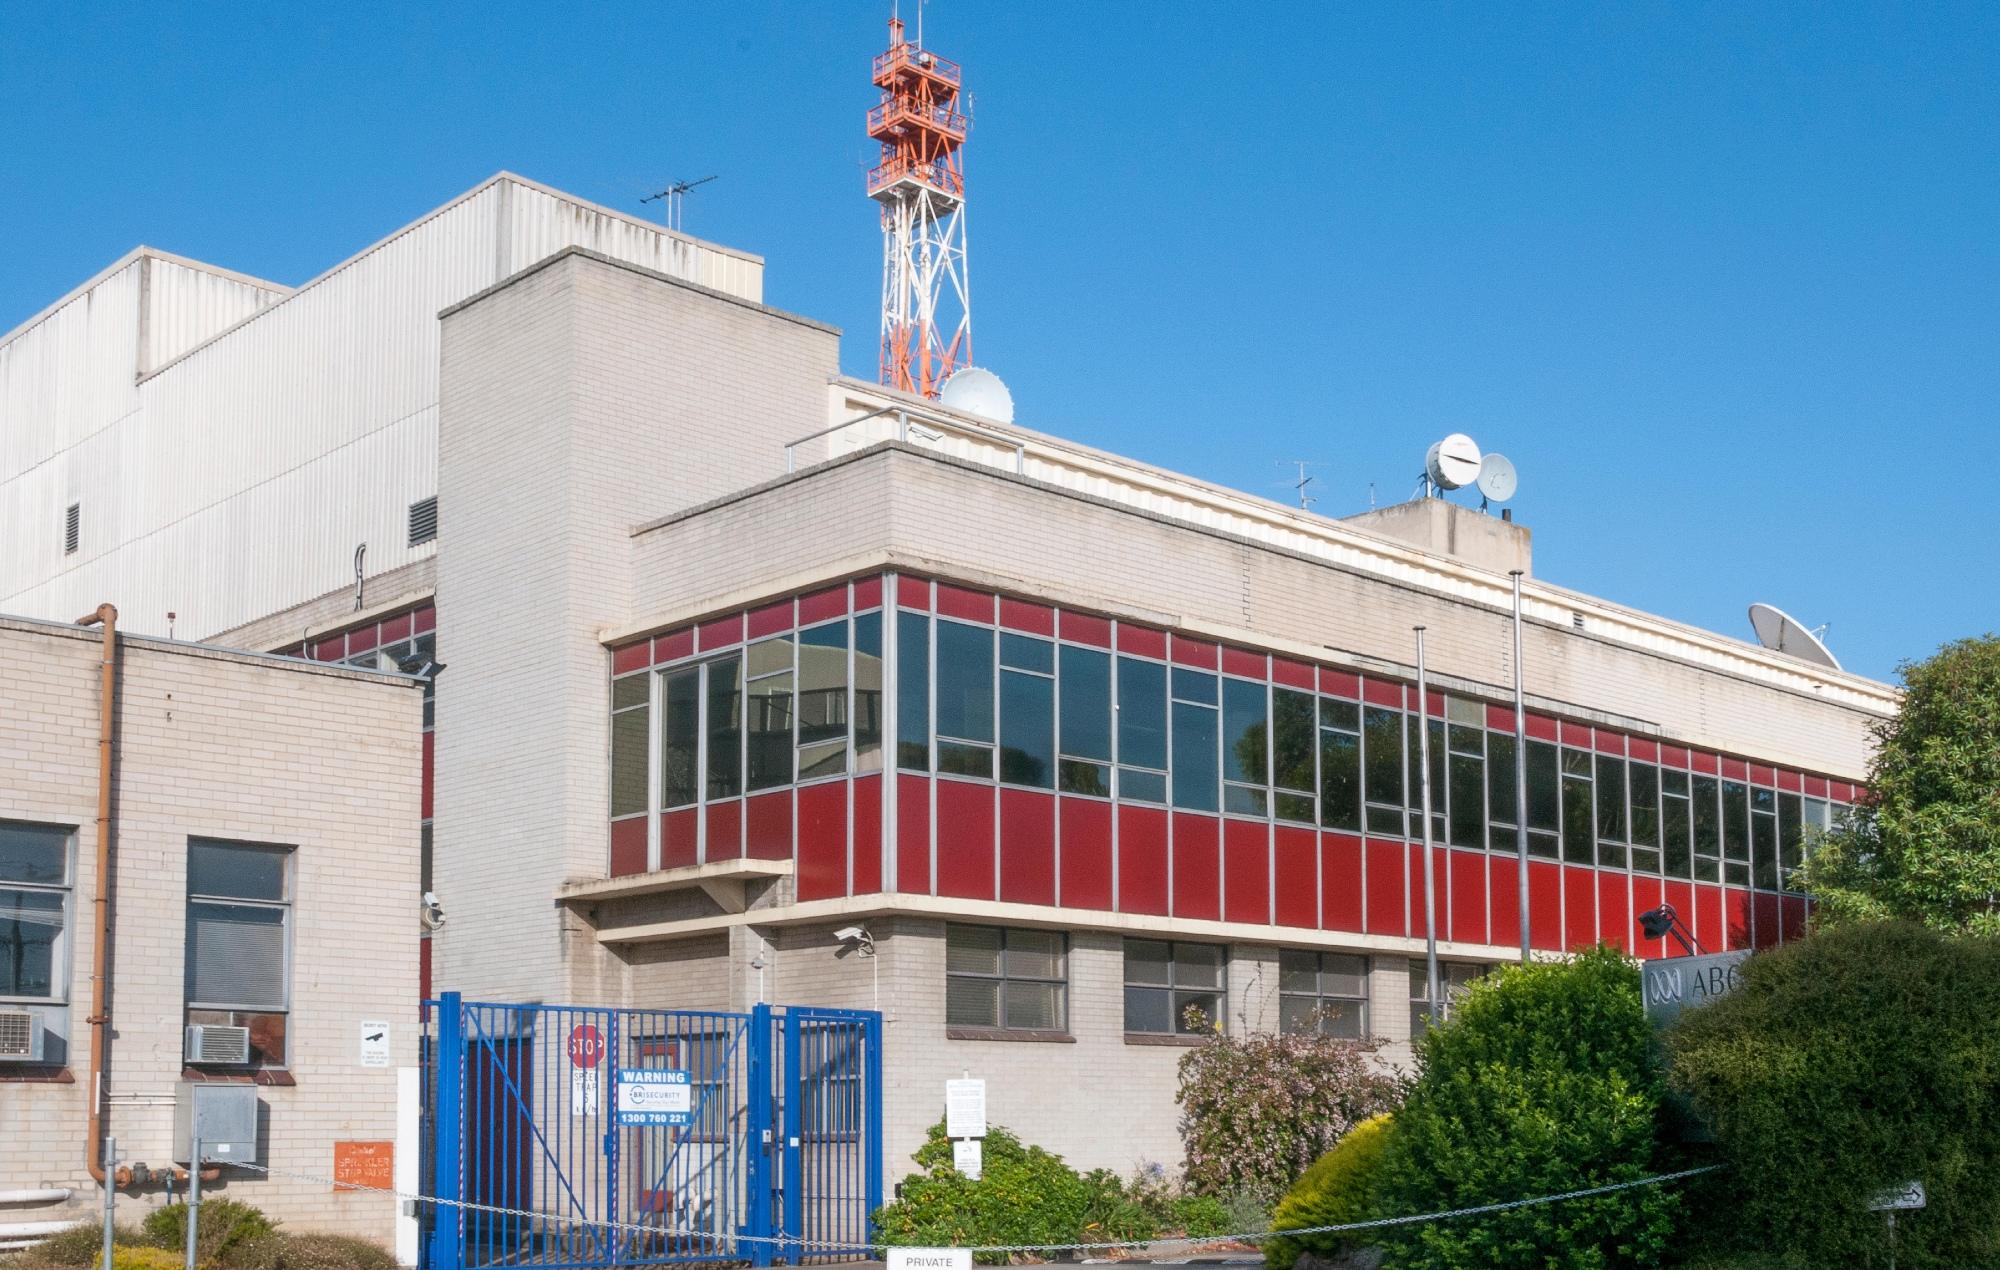 The old ABC studio